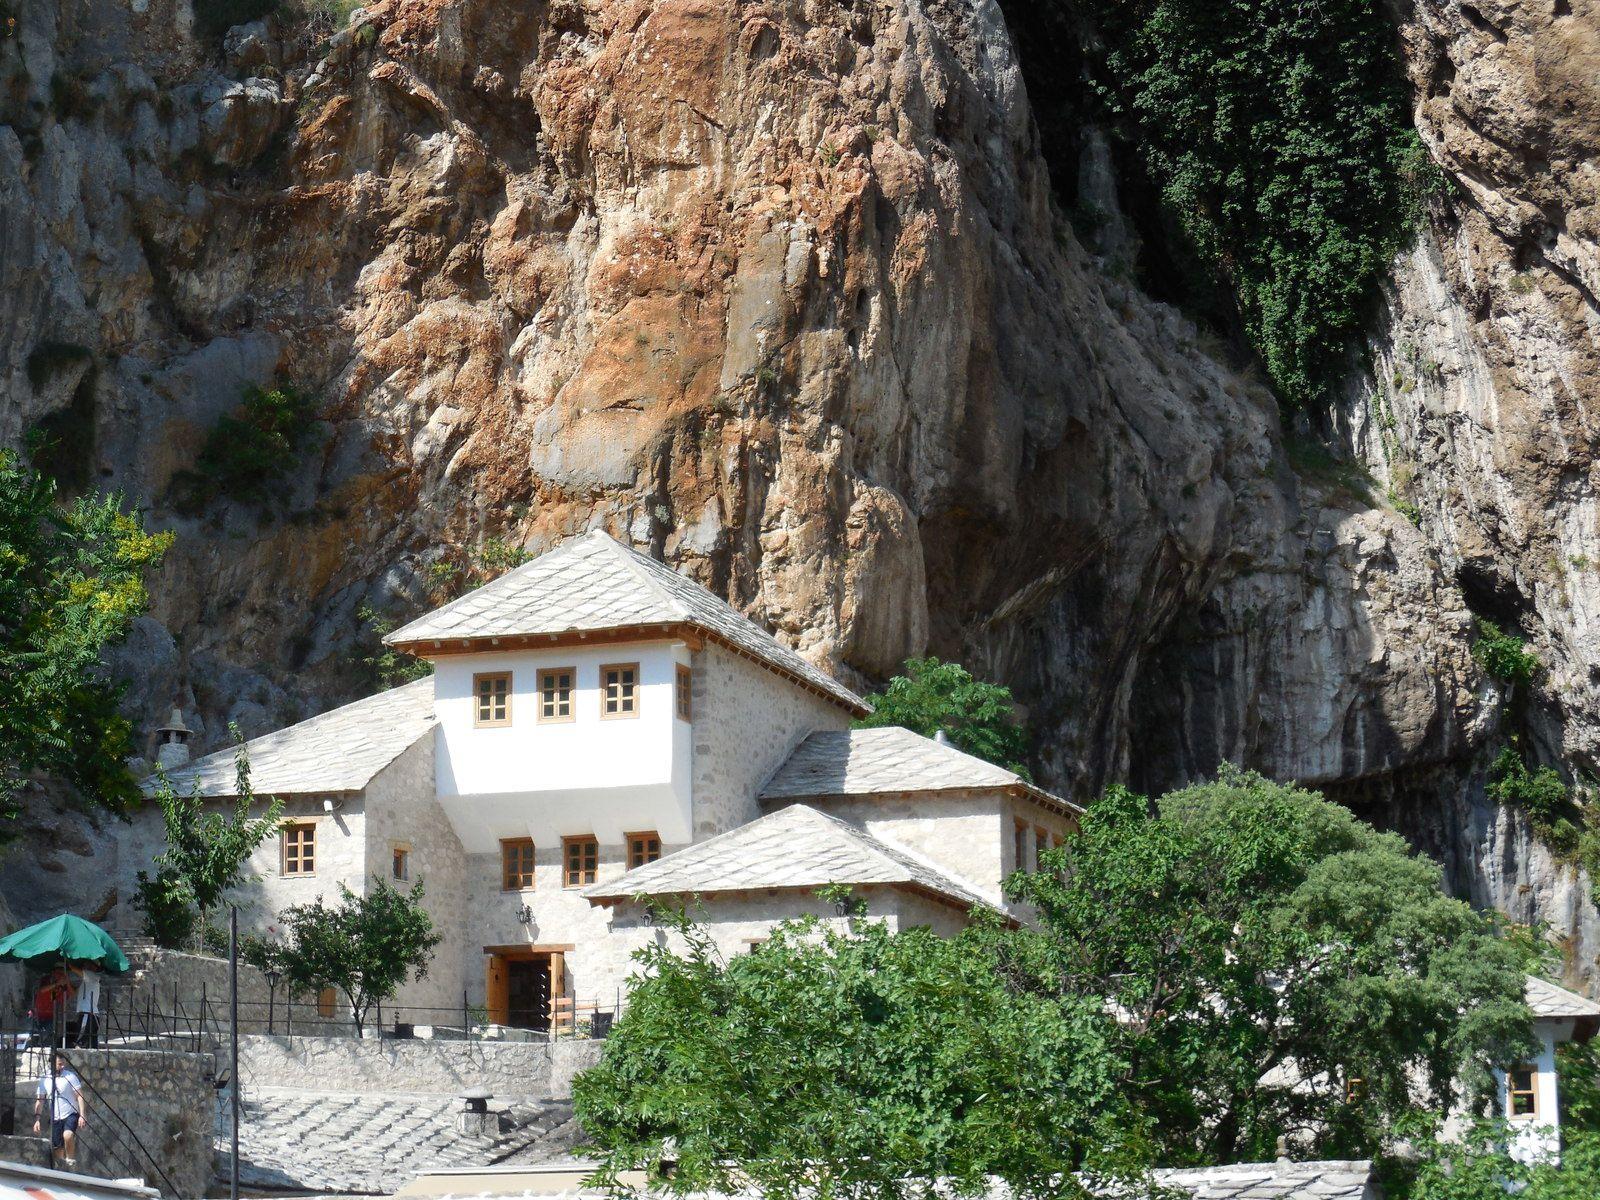 A droite de cette demeure, sortant d'une grotte,se trouve la source de la rivière Buna, un affluent de la Neretva